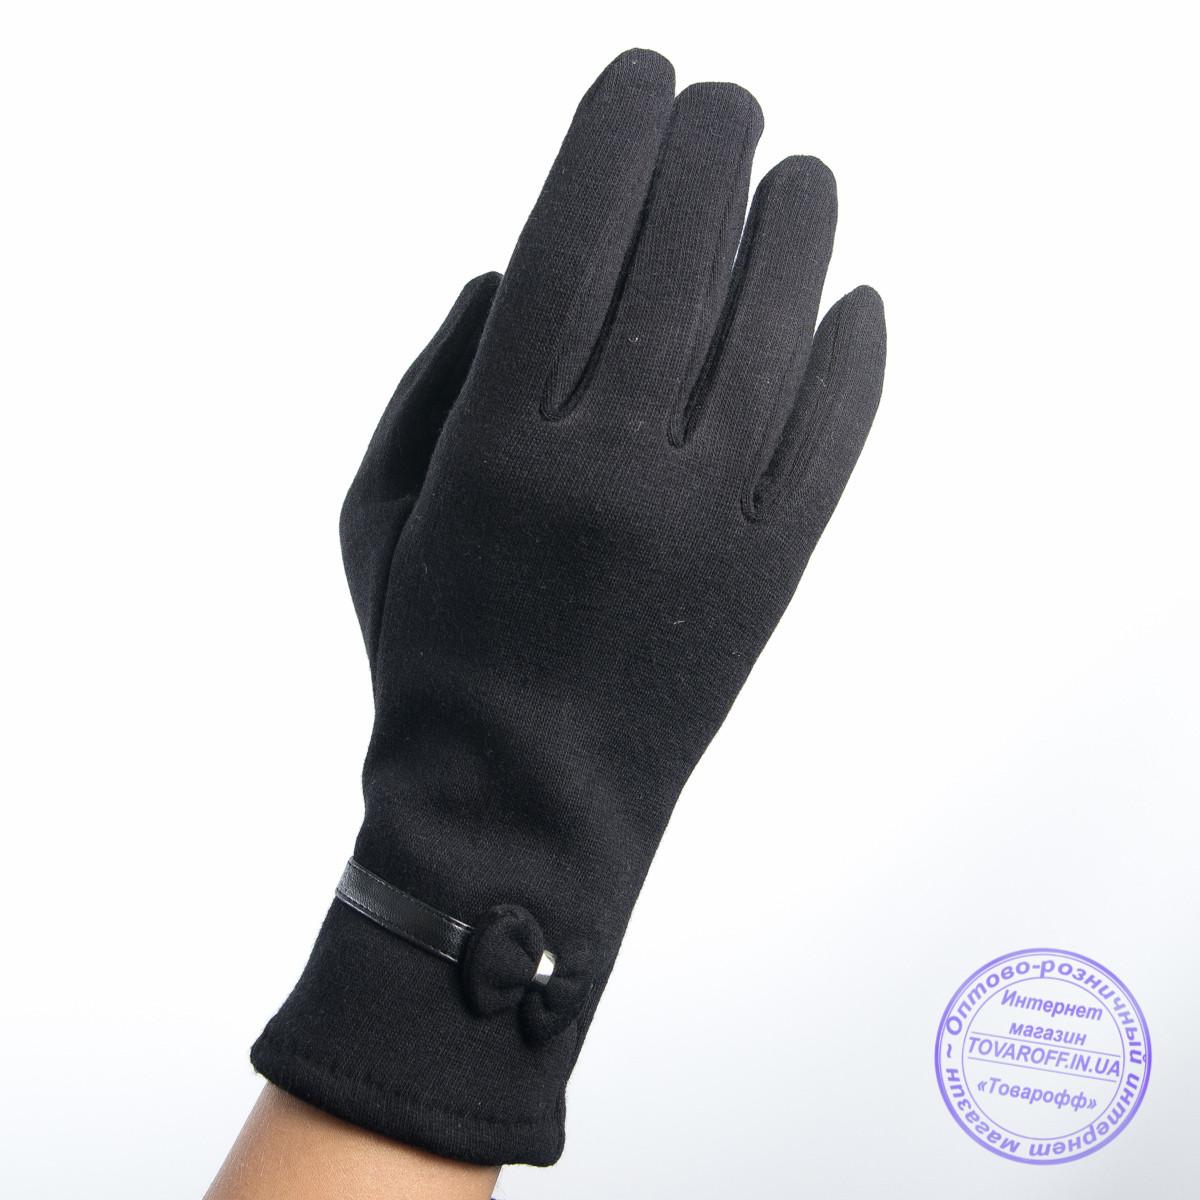 Оптом женские трикотажные перчатки с плюшевым утеплителем - F30-8